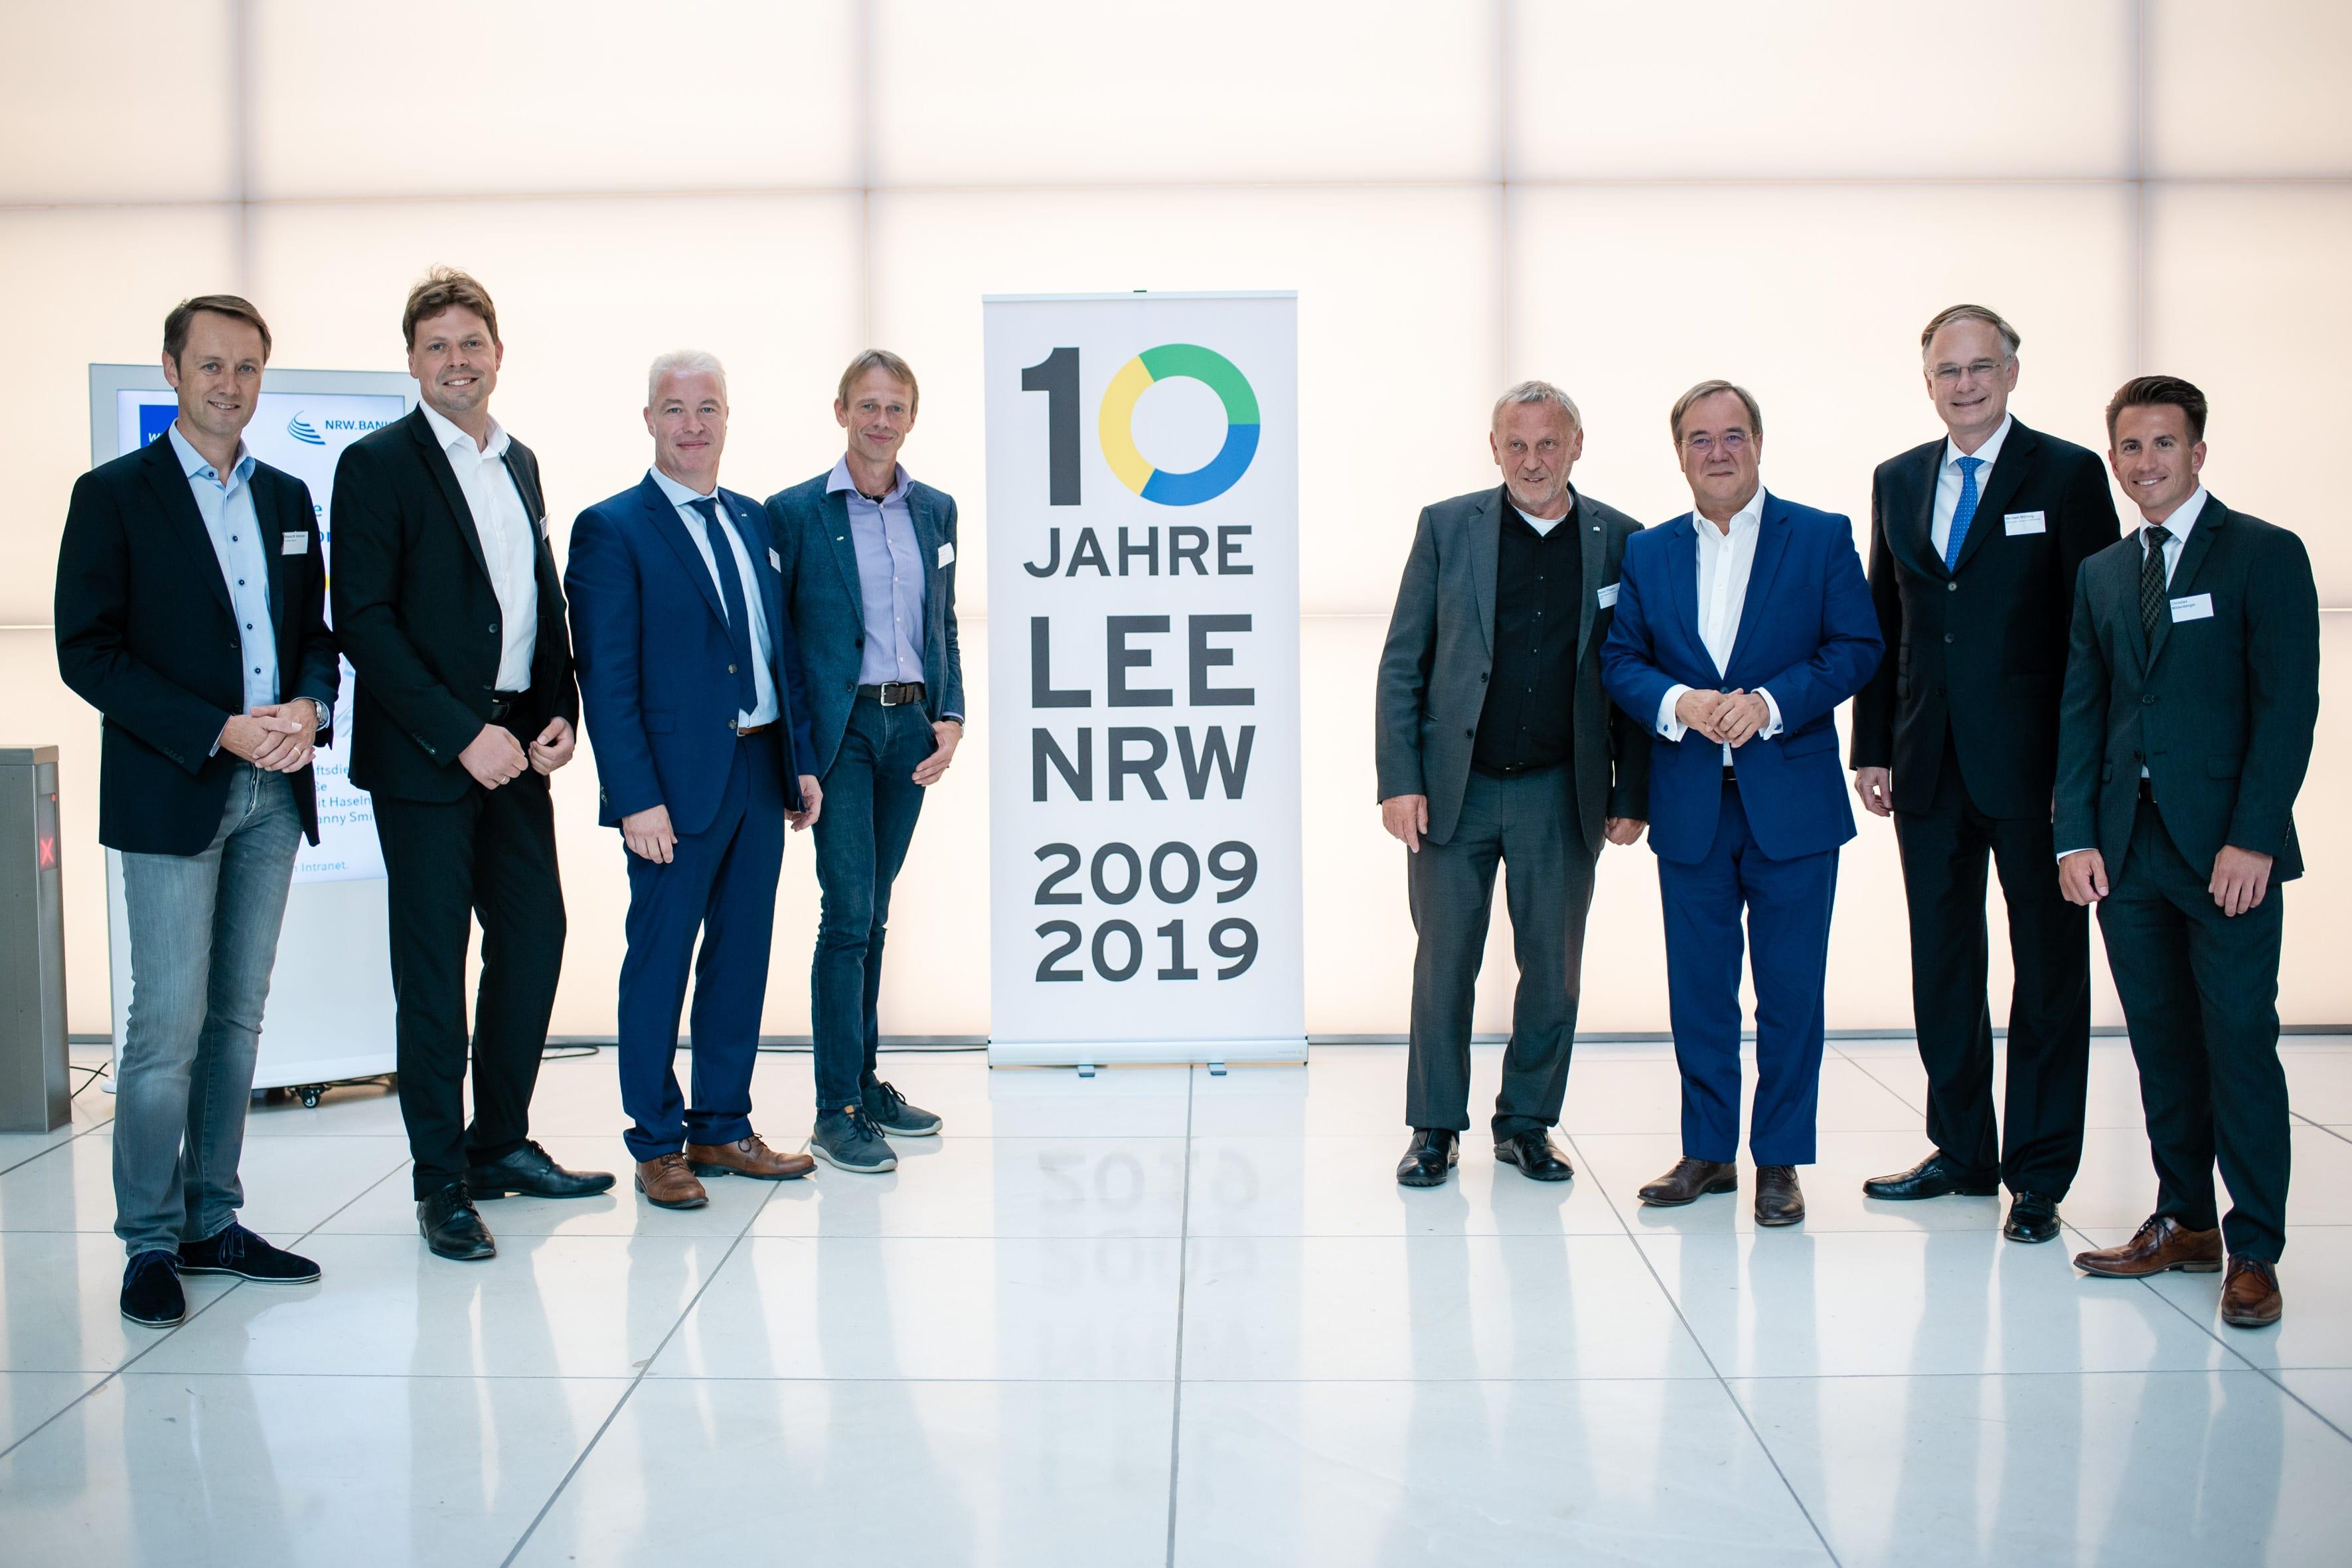 Sommerempfang des Landesverband Erneuerbare Energien mit Armin Laschet